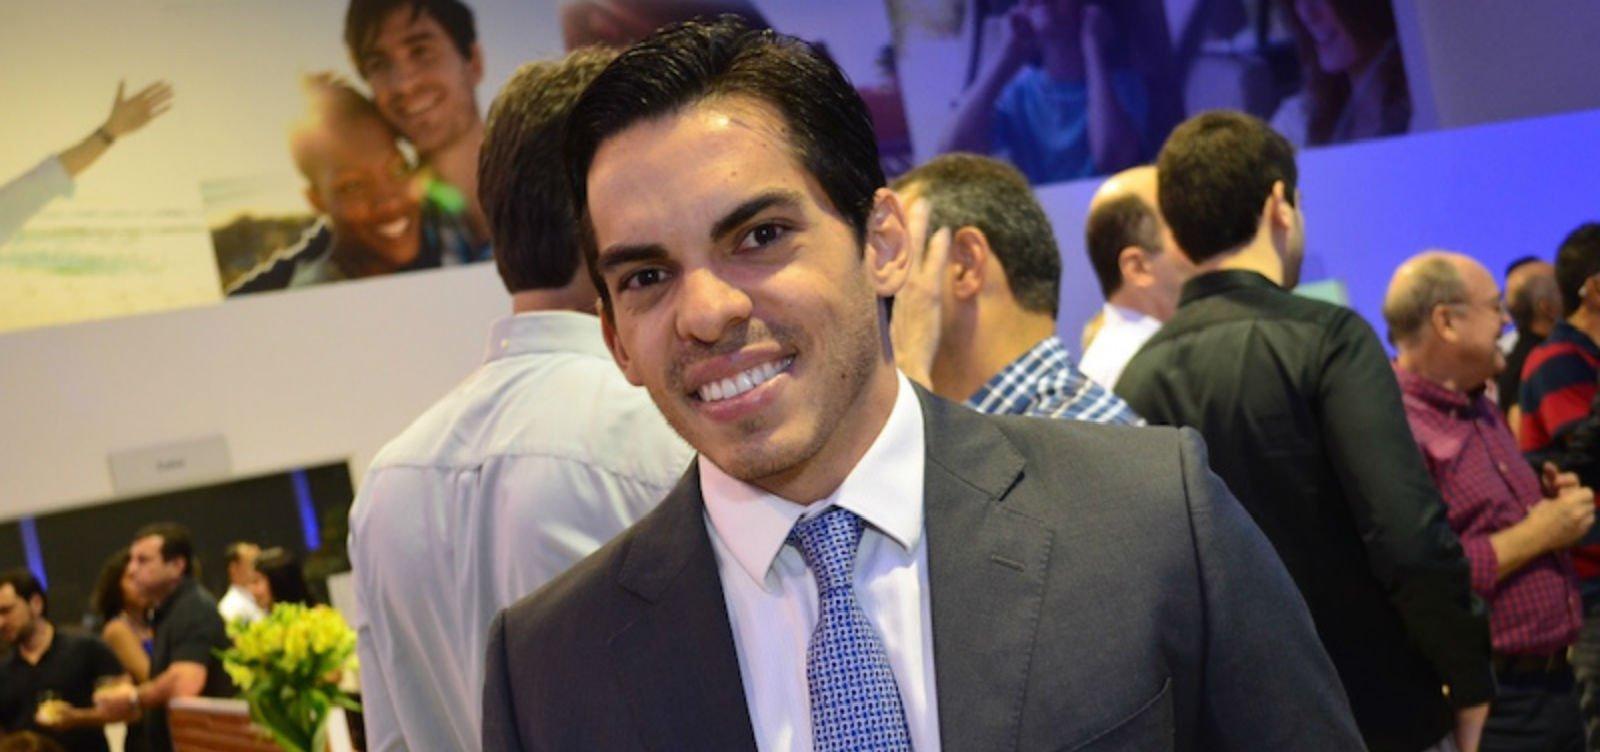 [Filho do ex-prefeito João Henrique é exonerado de cargo no governo]